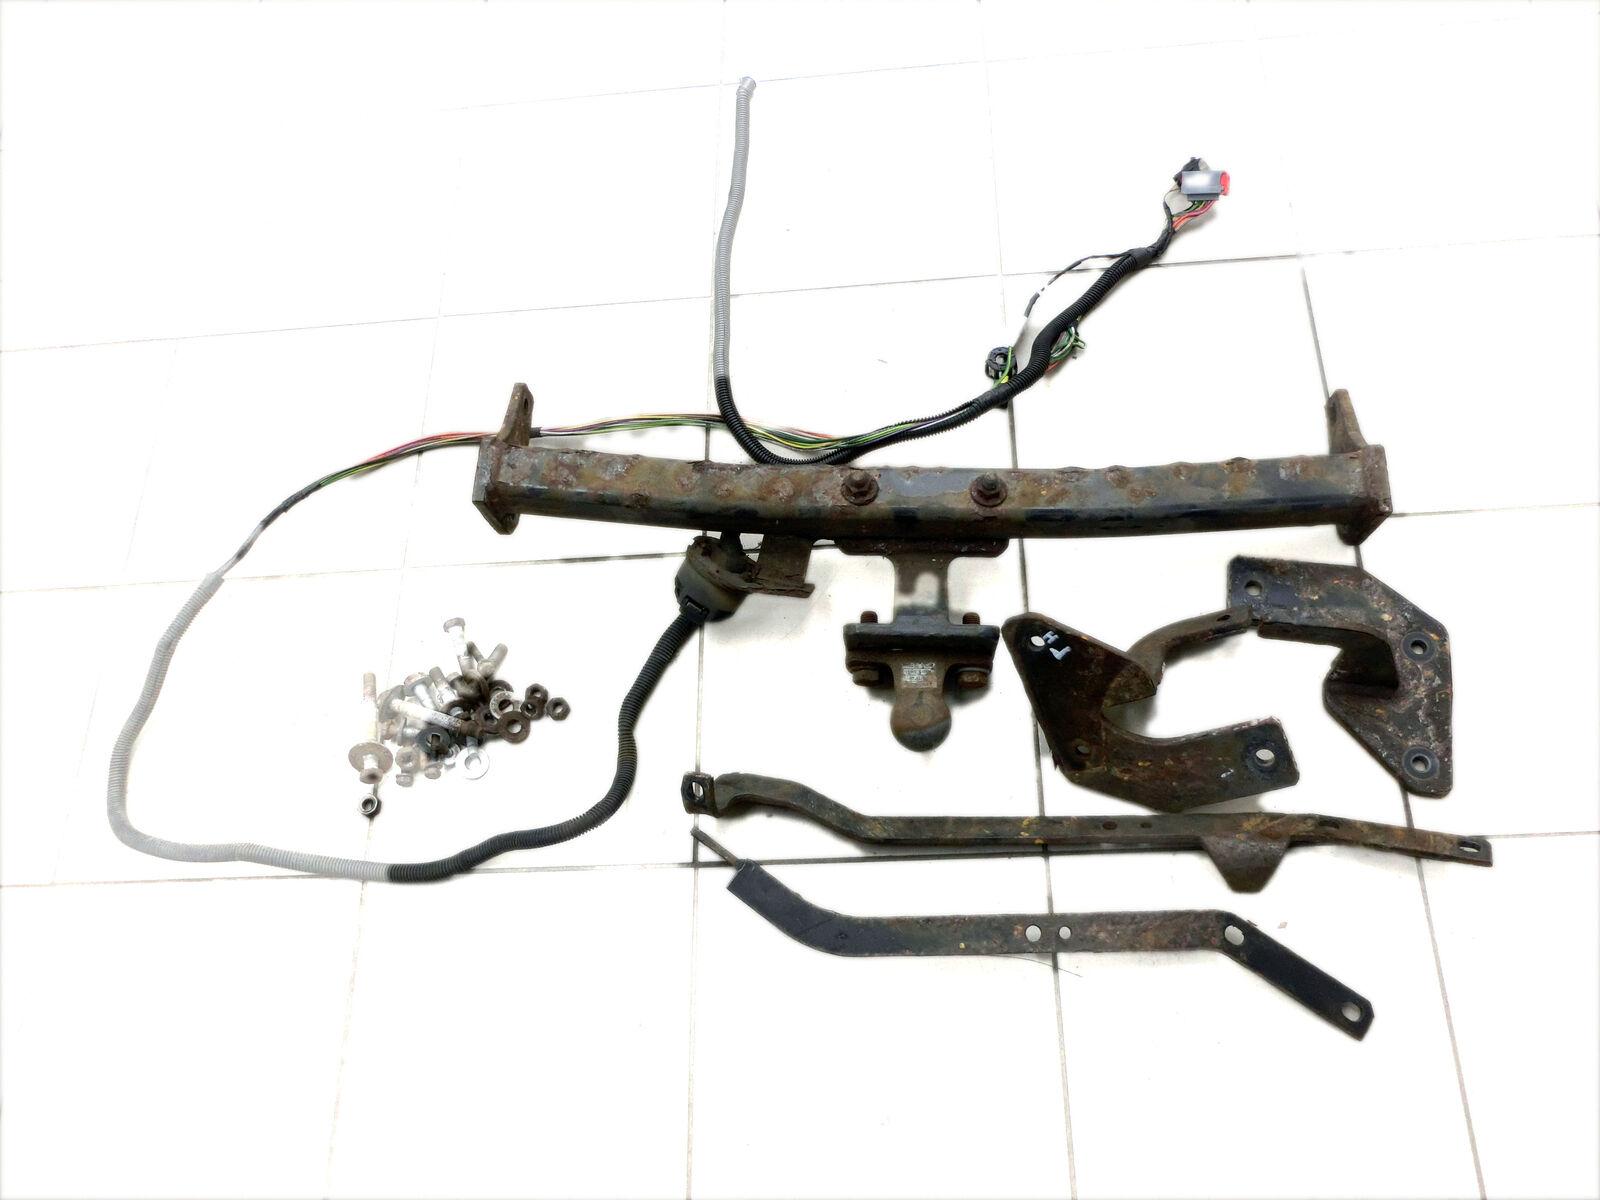 Gancio di traino rimovibile per SUZUKI GRAND VITARA 5-tür ab05+13p E-Set con blinküberwachung